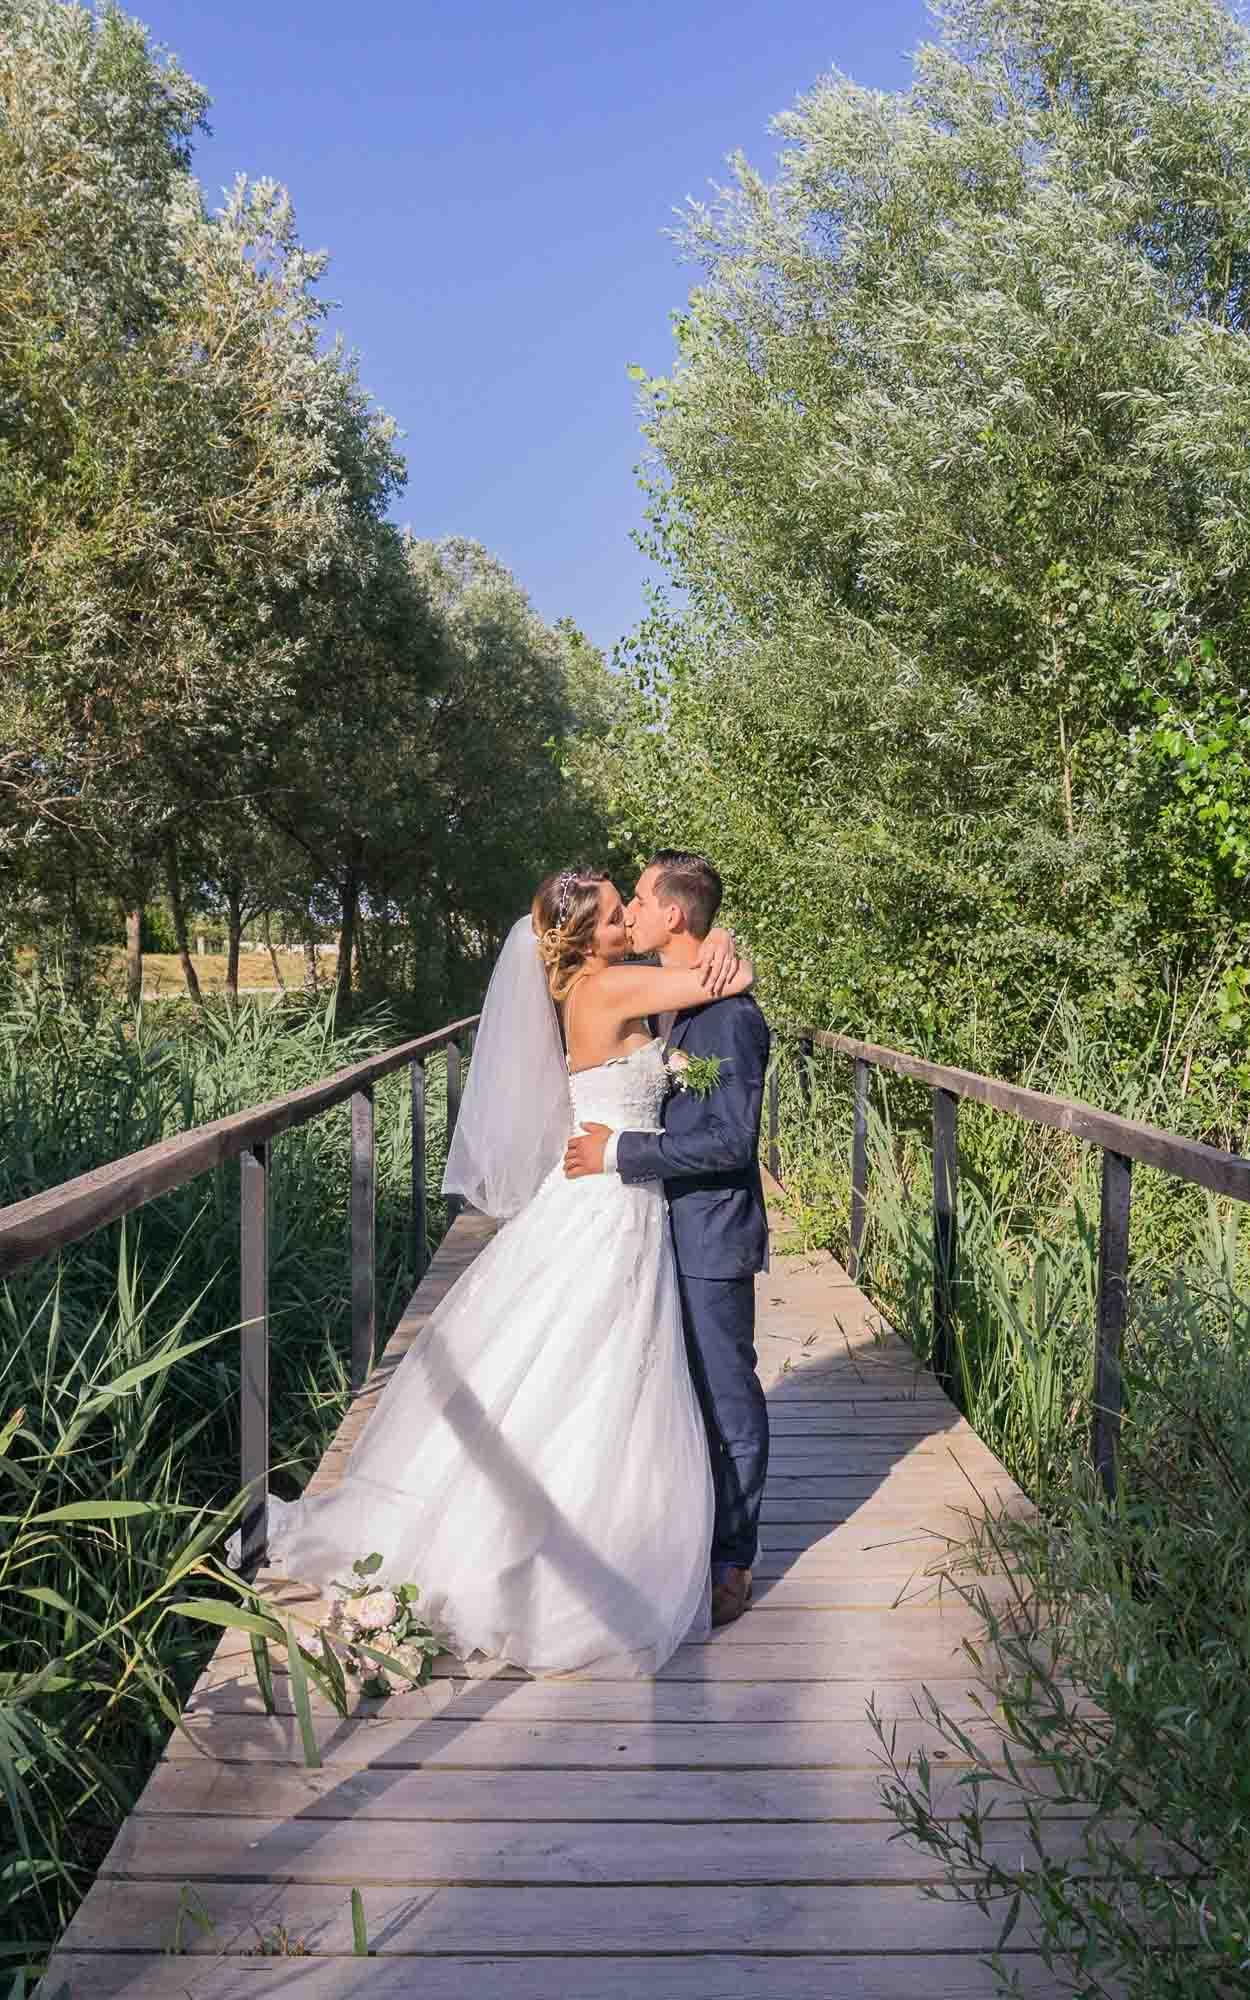 Les mariés s'embrassent sur un pont traversant une rivière de roseaux.